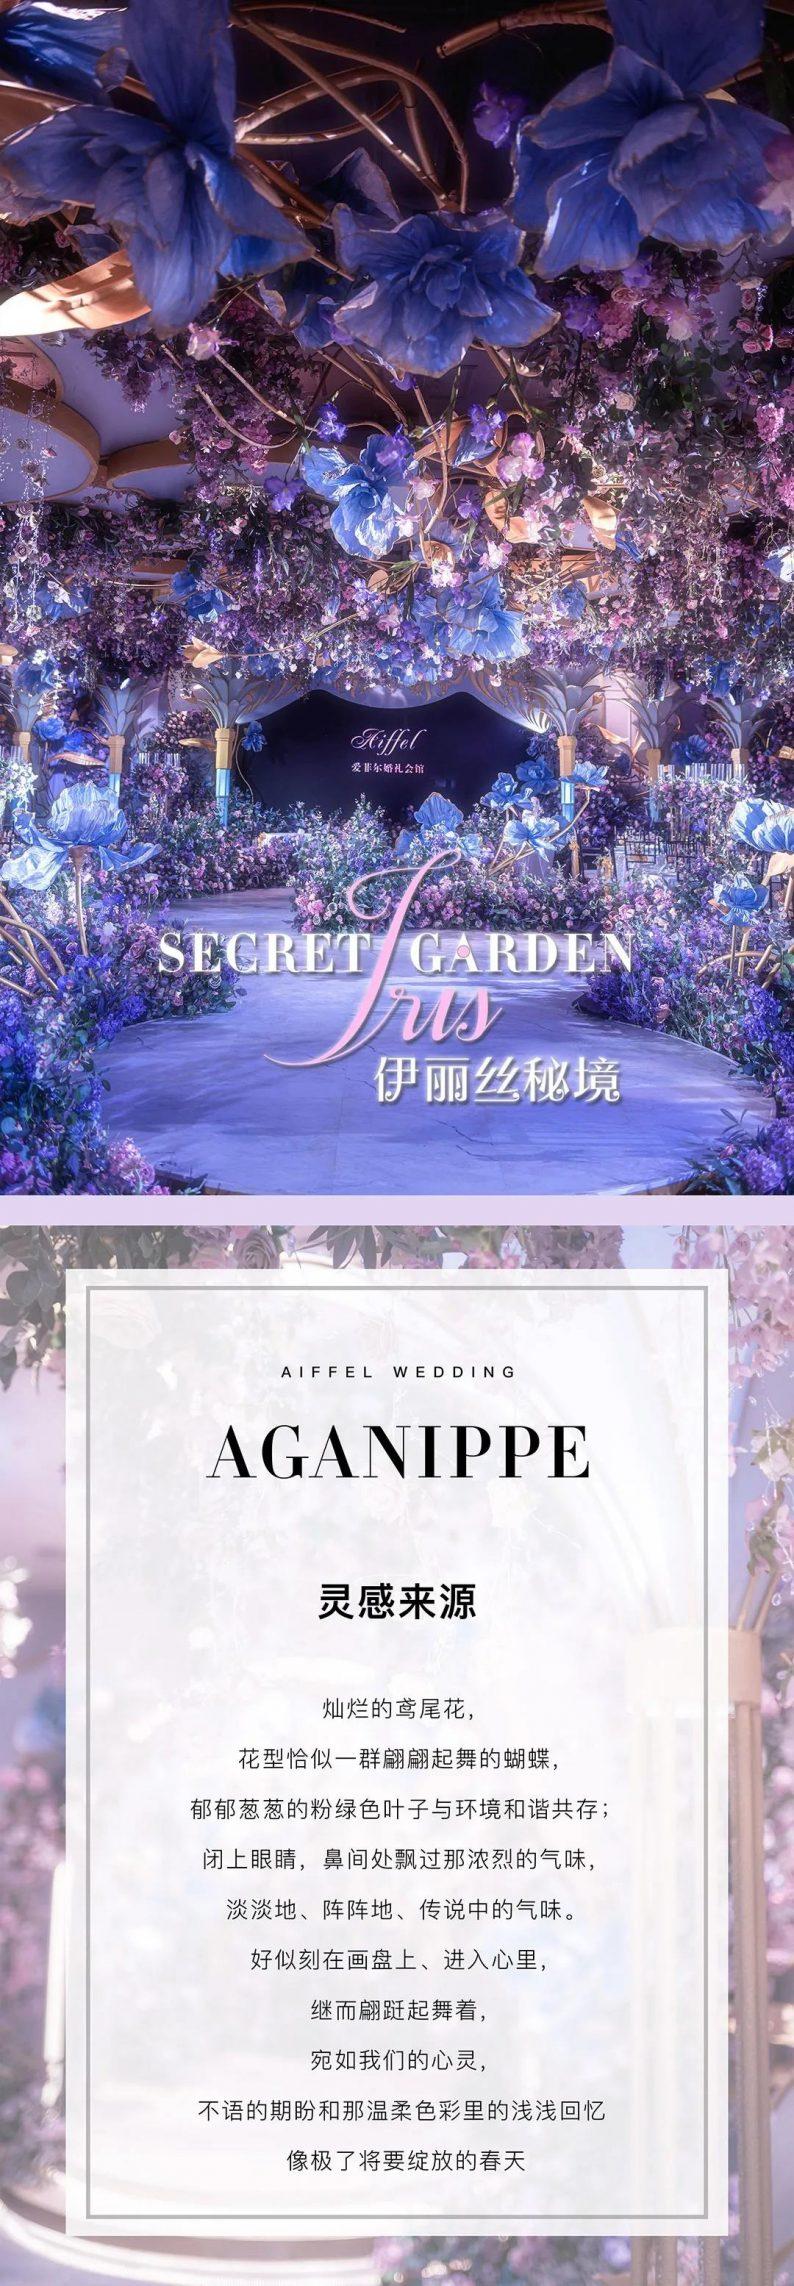 婚礼堂发布:2020全新发布,爱菲尔3大主题宴会厅  第2张